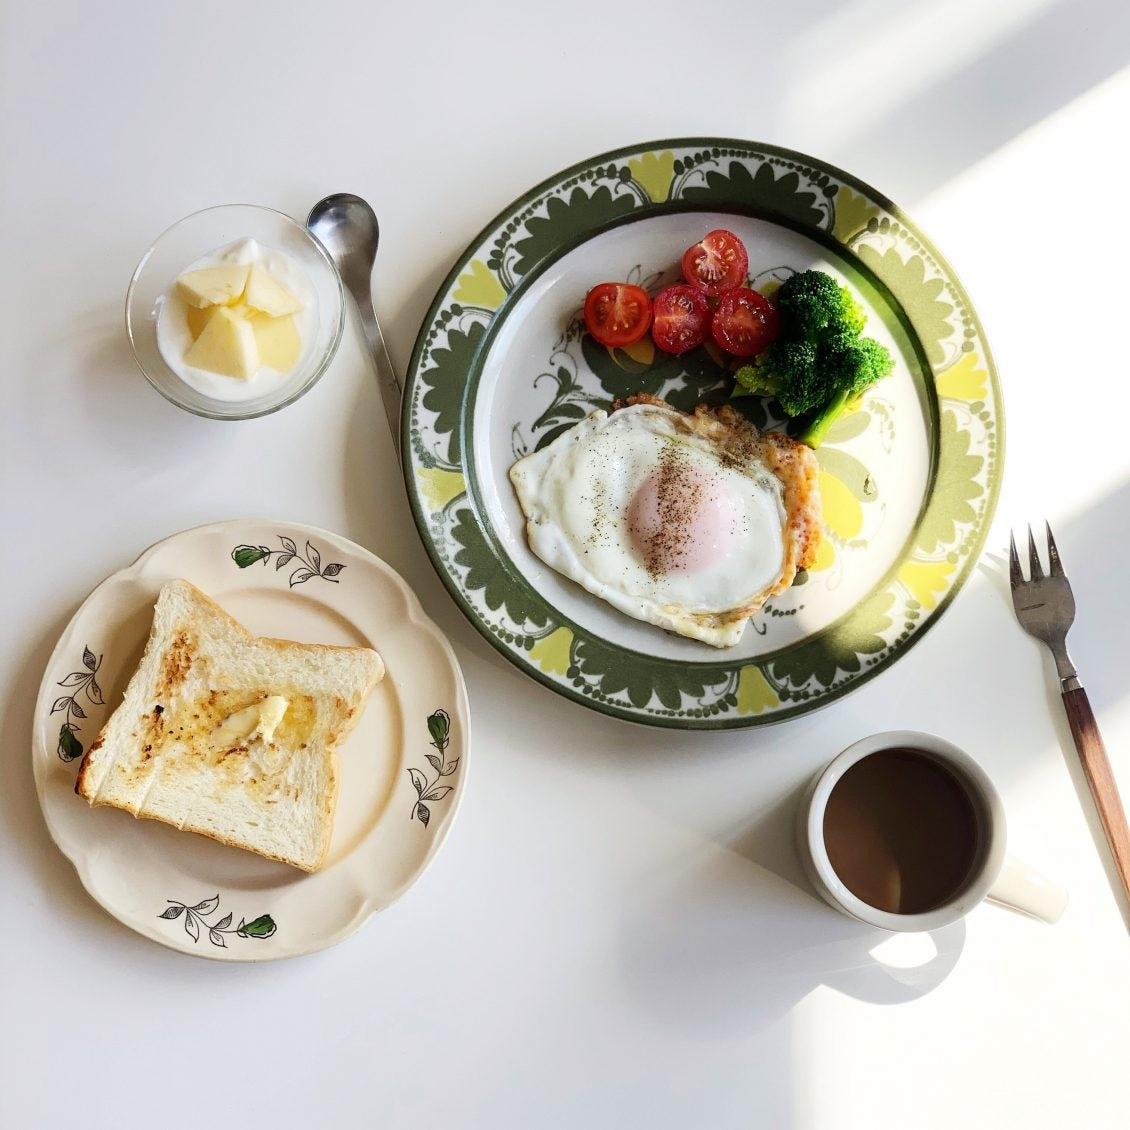 【朝食と器】お気に入りの器にのせて。スタッフの「休日朝ごはん」を大解剖!(vol.1)